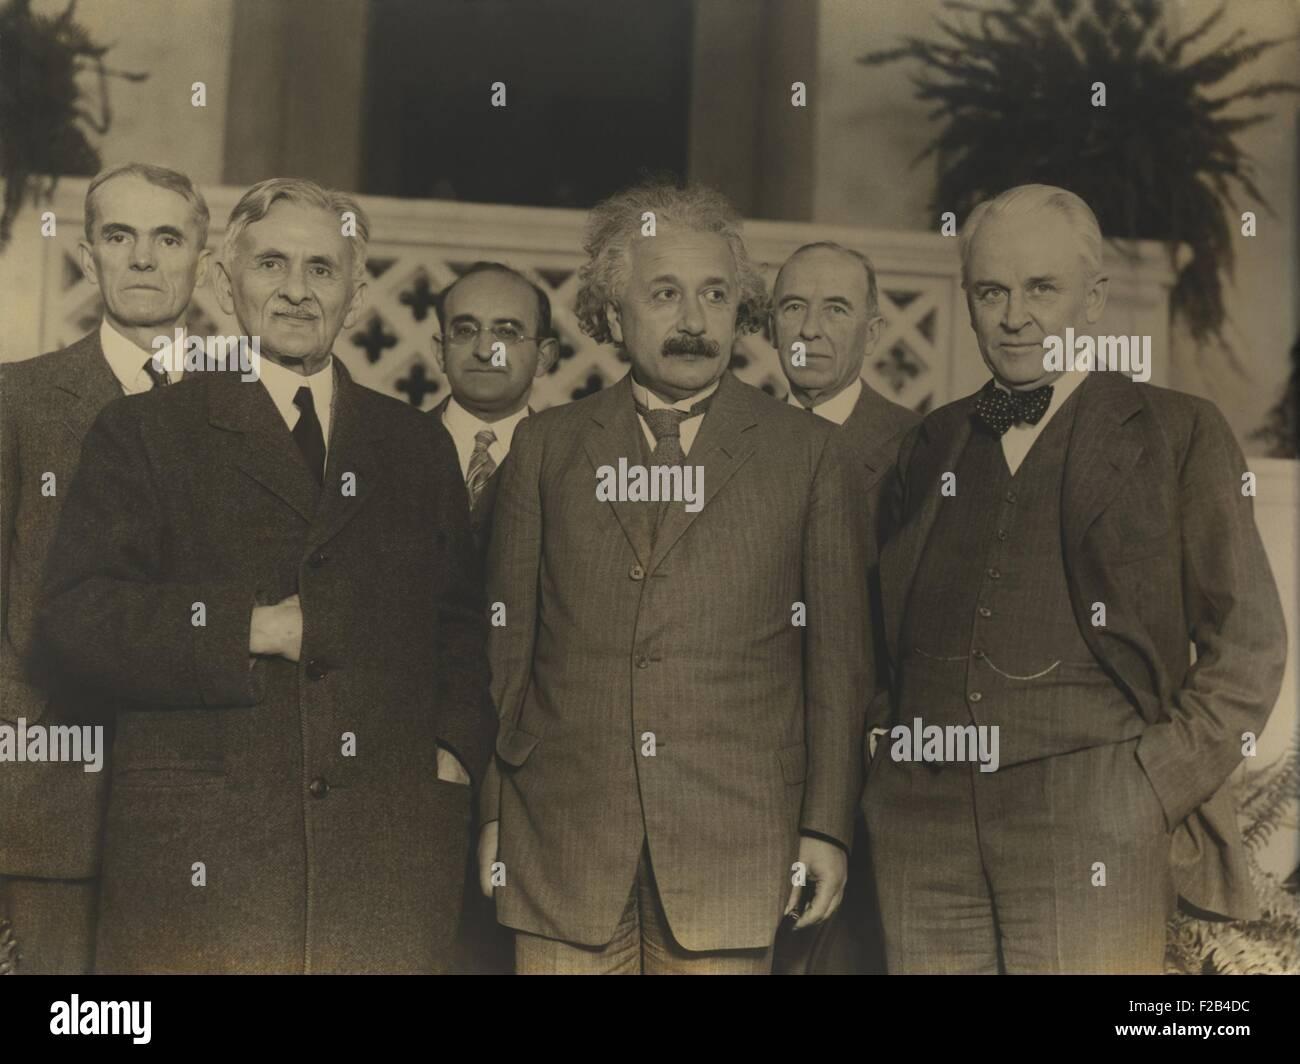 Ritratto di cinque scienziati nel 1931. L-R: Walter Sydney Adams, Albert Abraham Michelson, Walther Meyer, Albert Immagini Stock